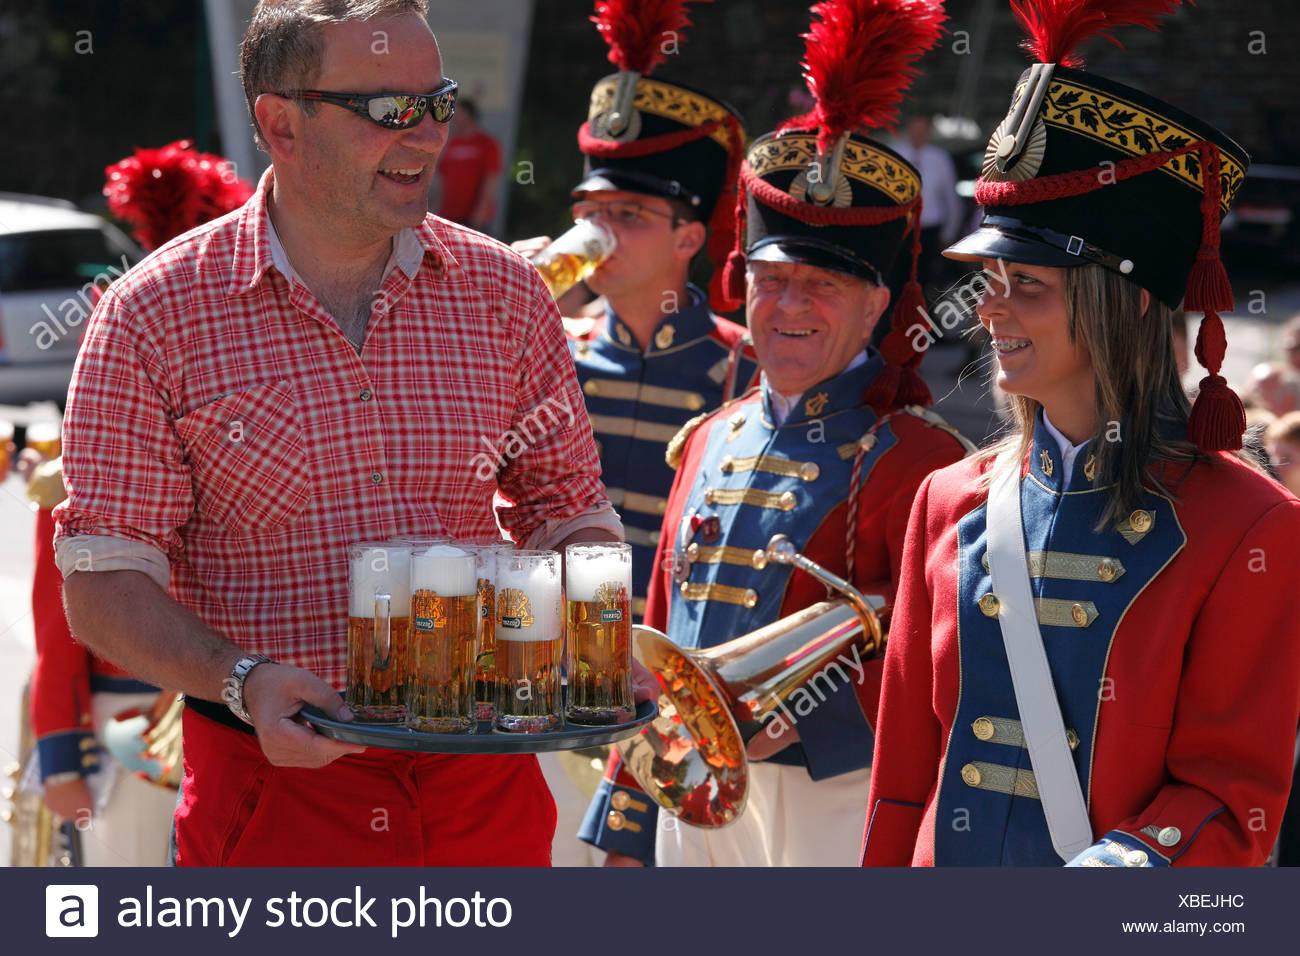 Dueño servir cerveza para el grupo de música local de San Miguel, en el Desfile de Sansón, Katschberg, Lungau, estado de Salzburgo, Salzb Foto de stock